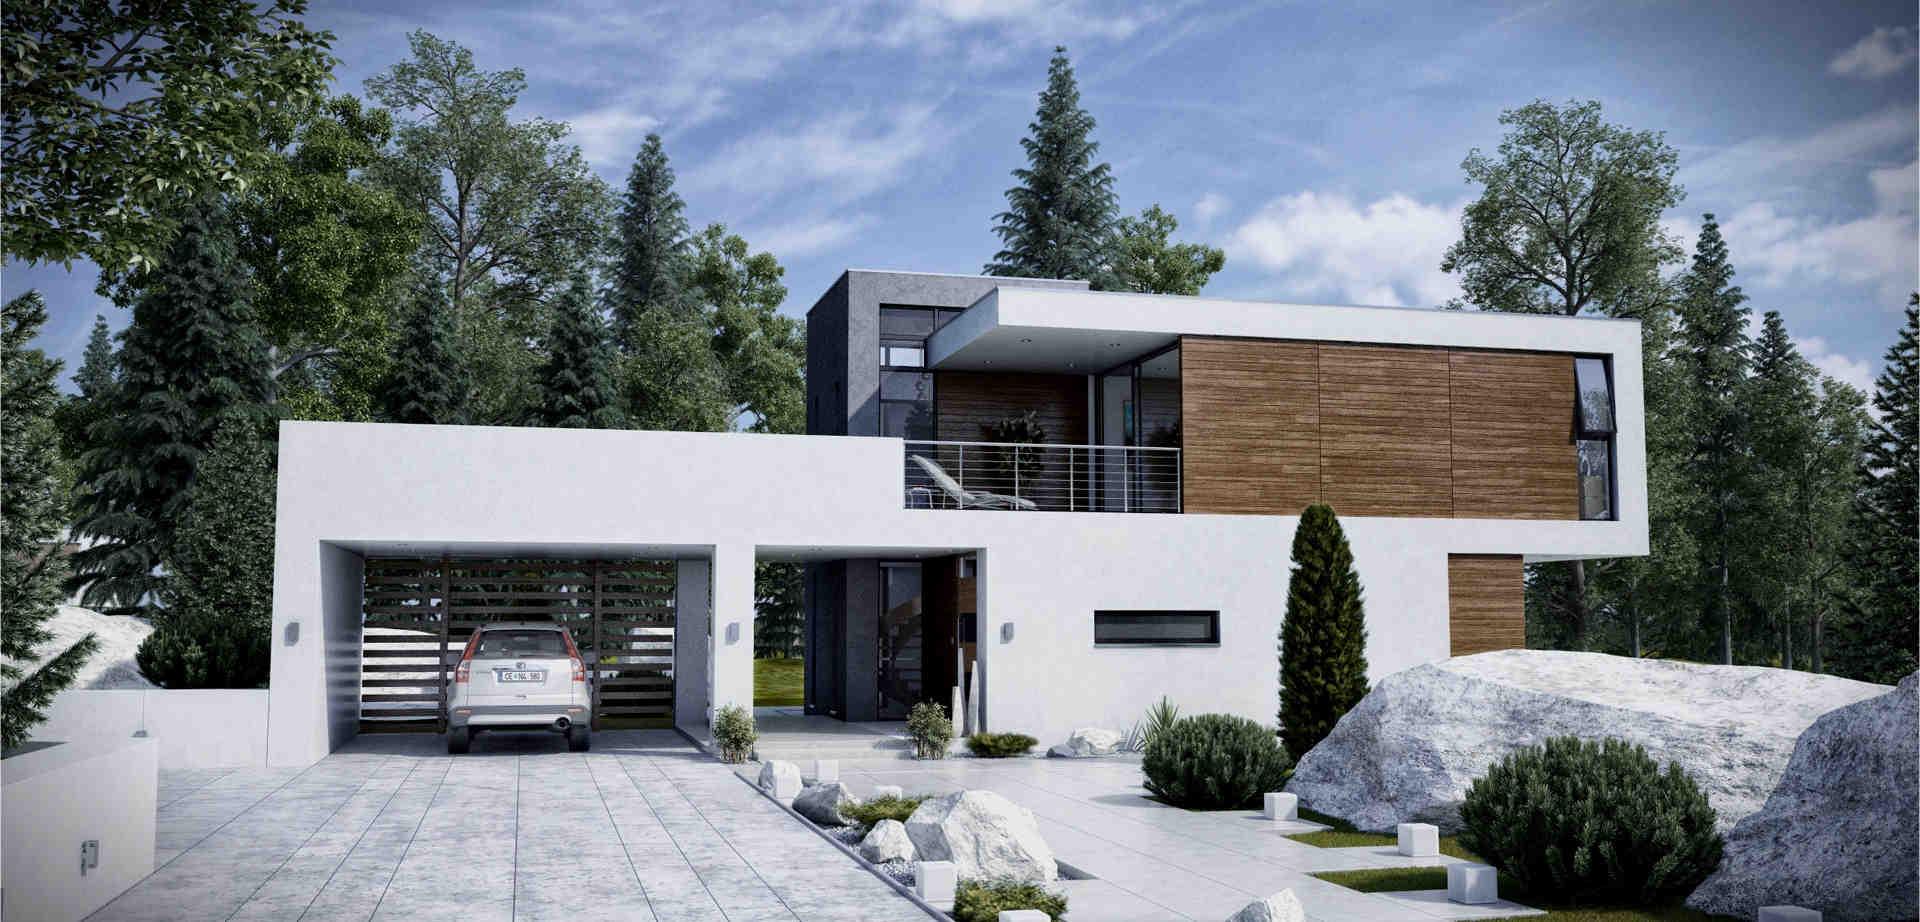 Domy Modułowe Cena Projekty Producent Magahomes